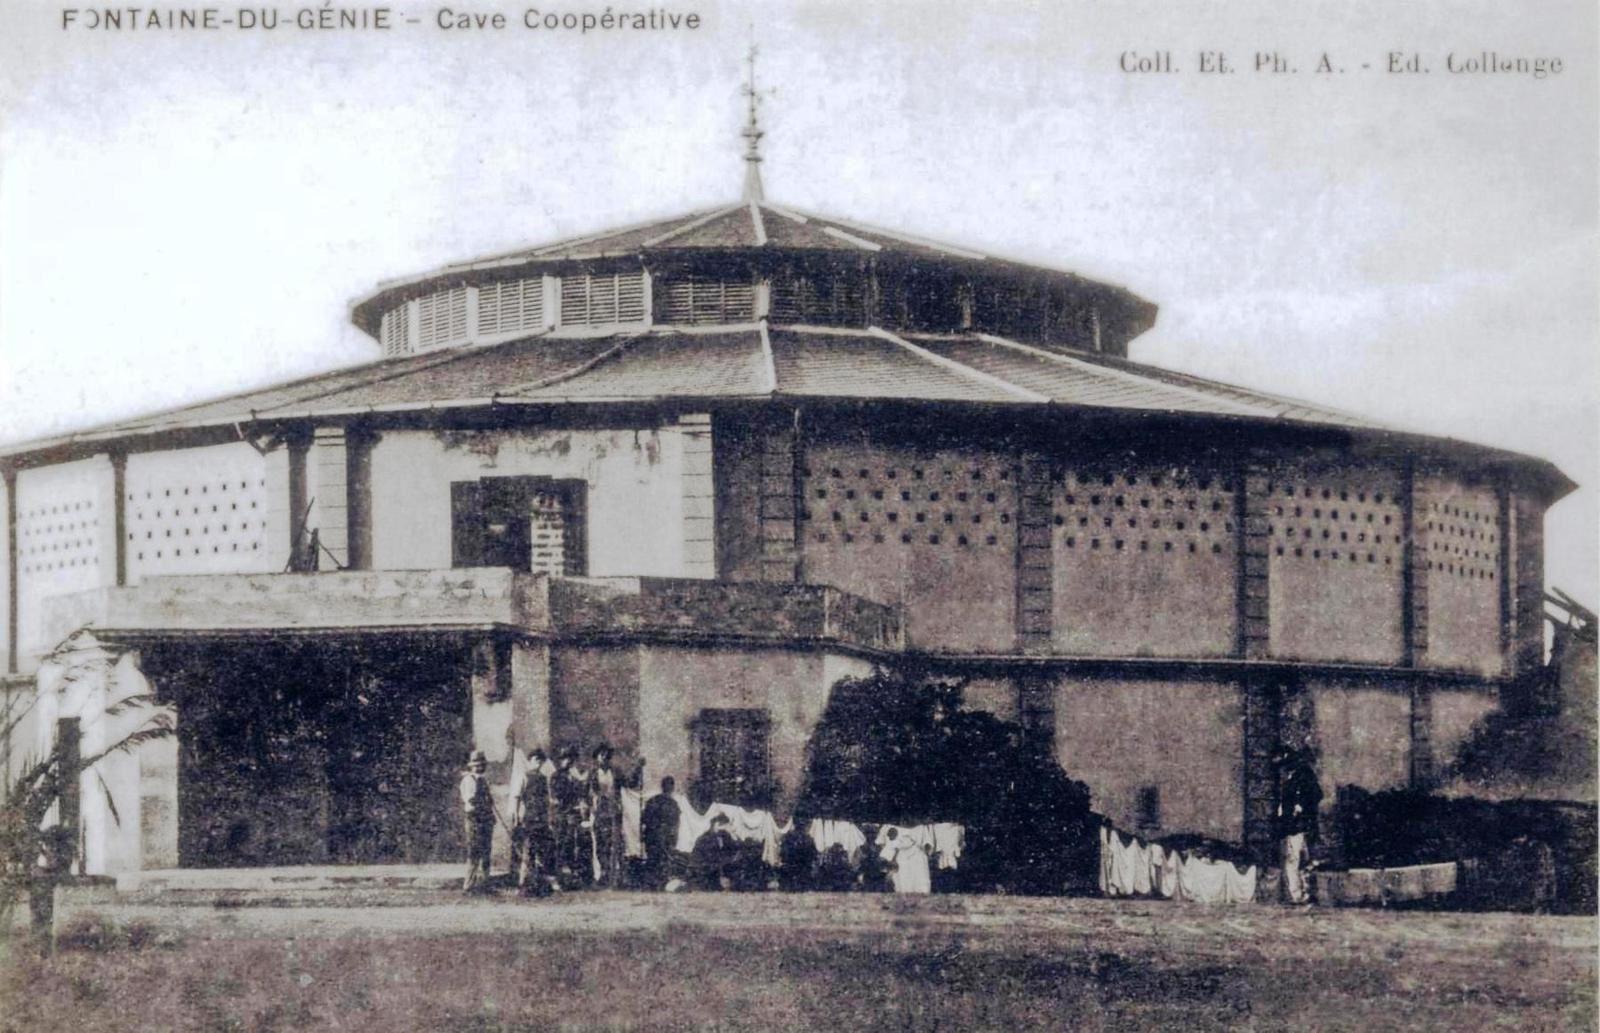 Cave coopérative de Fontaine-du-Génie (Hadjeret Ennous).